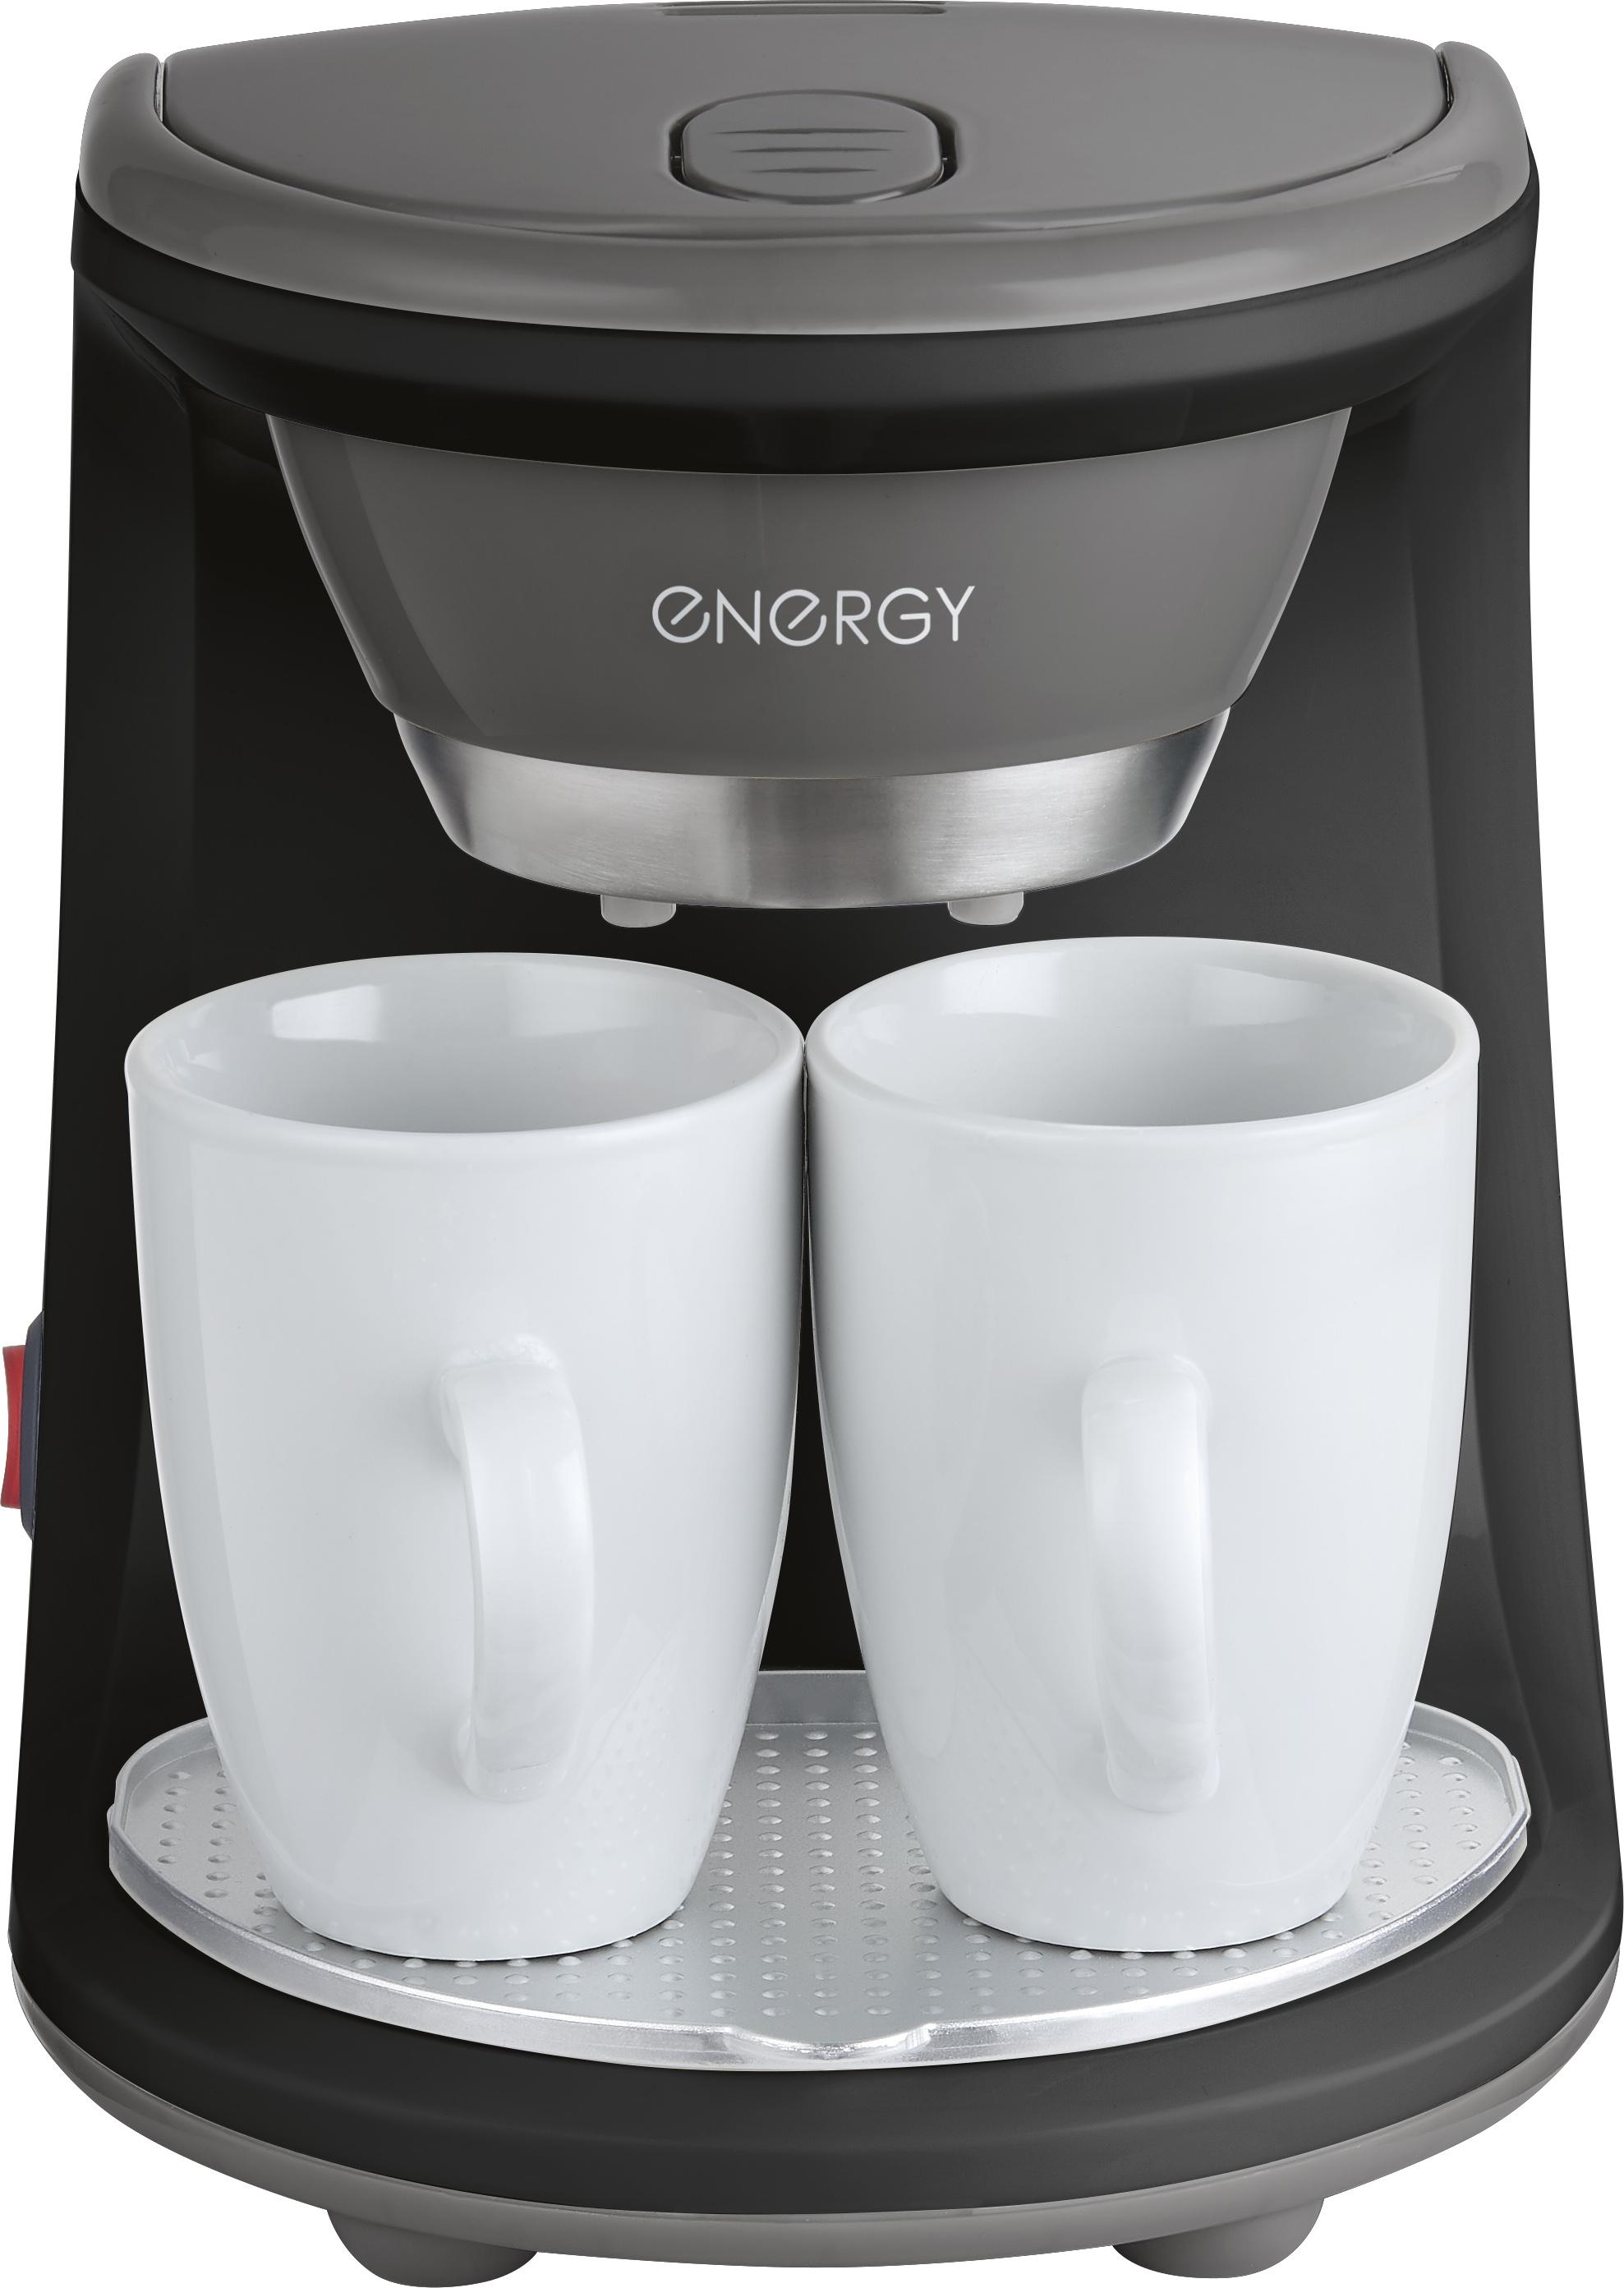 Кофеварка электрическая ENERGY EN-605, черный кофеварка energy en 601 450вт кремовая 2 чашки